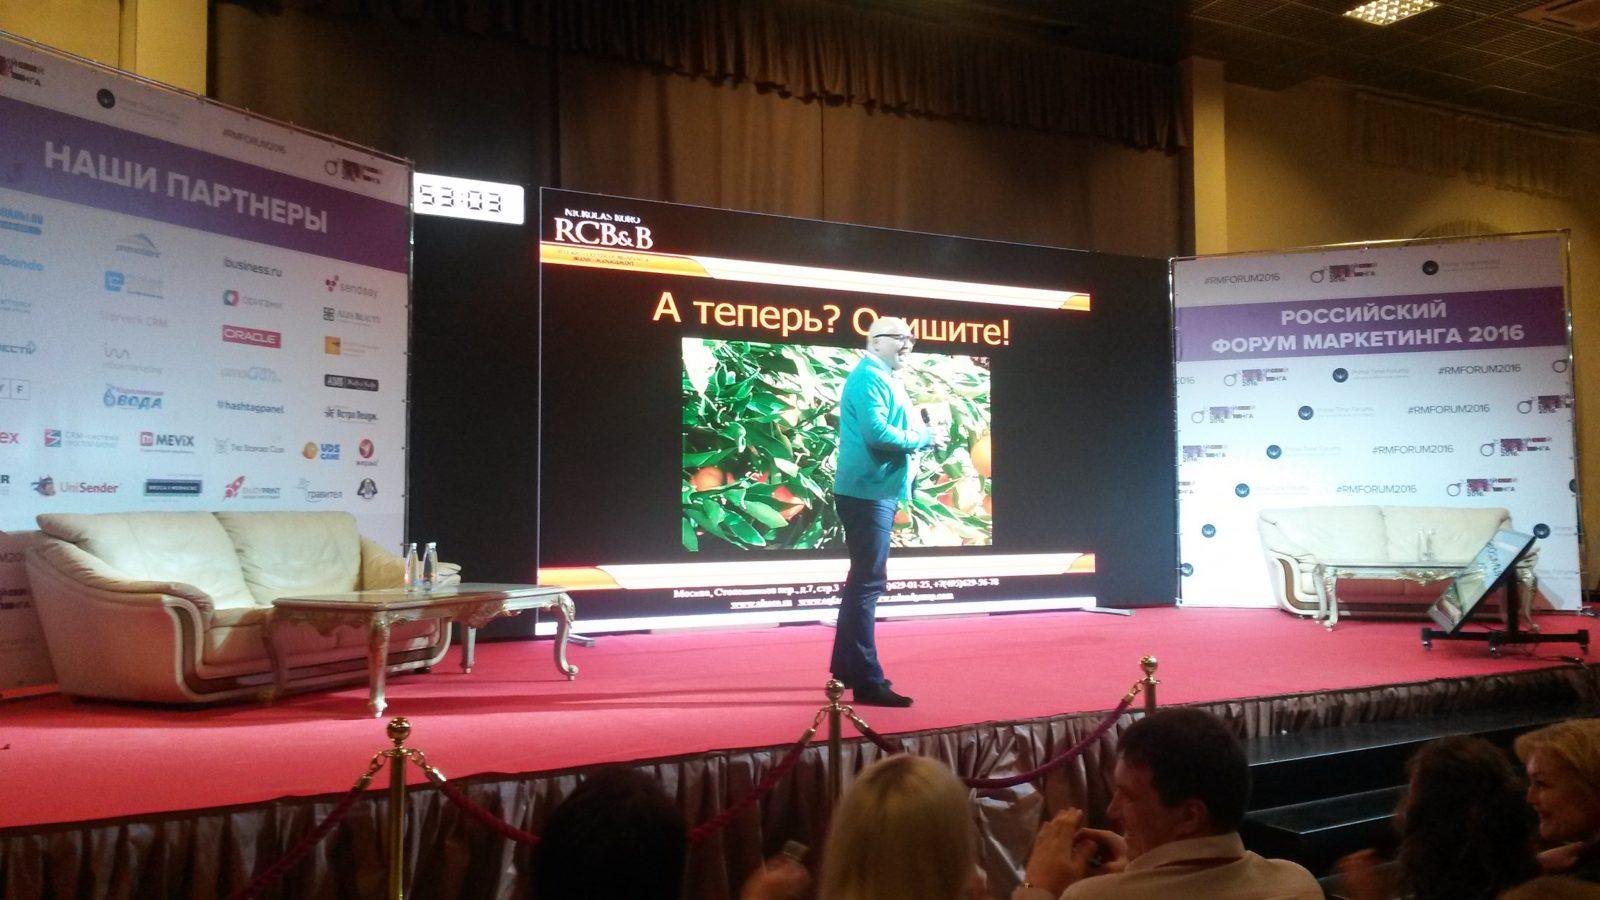 Российский Форум Маркетинга 2016 в Москве